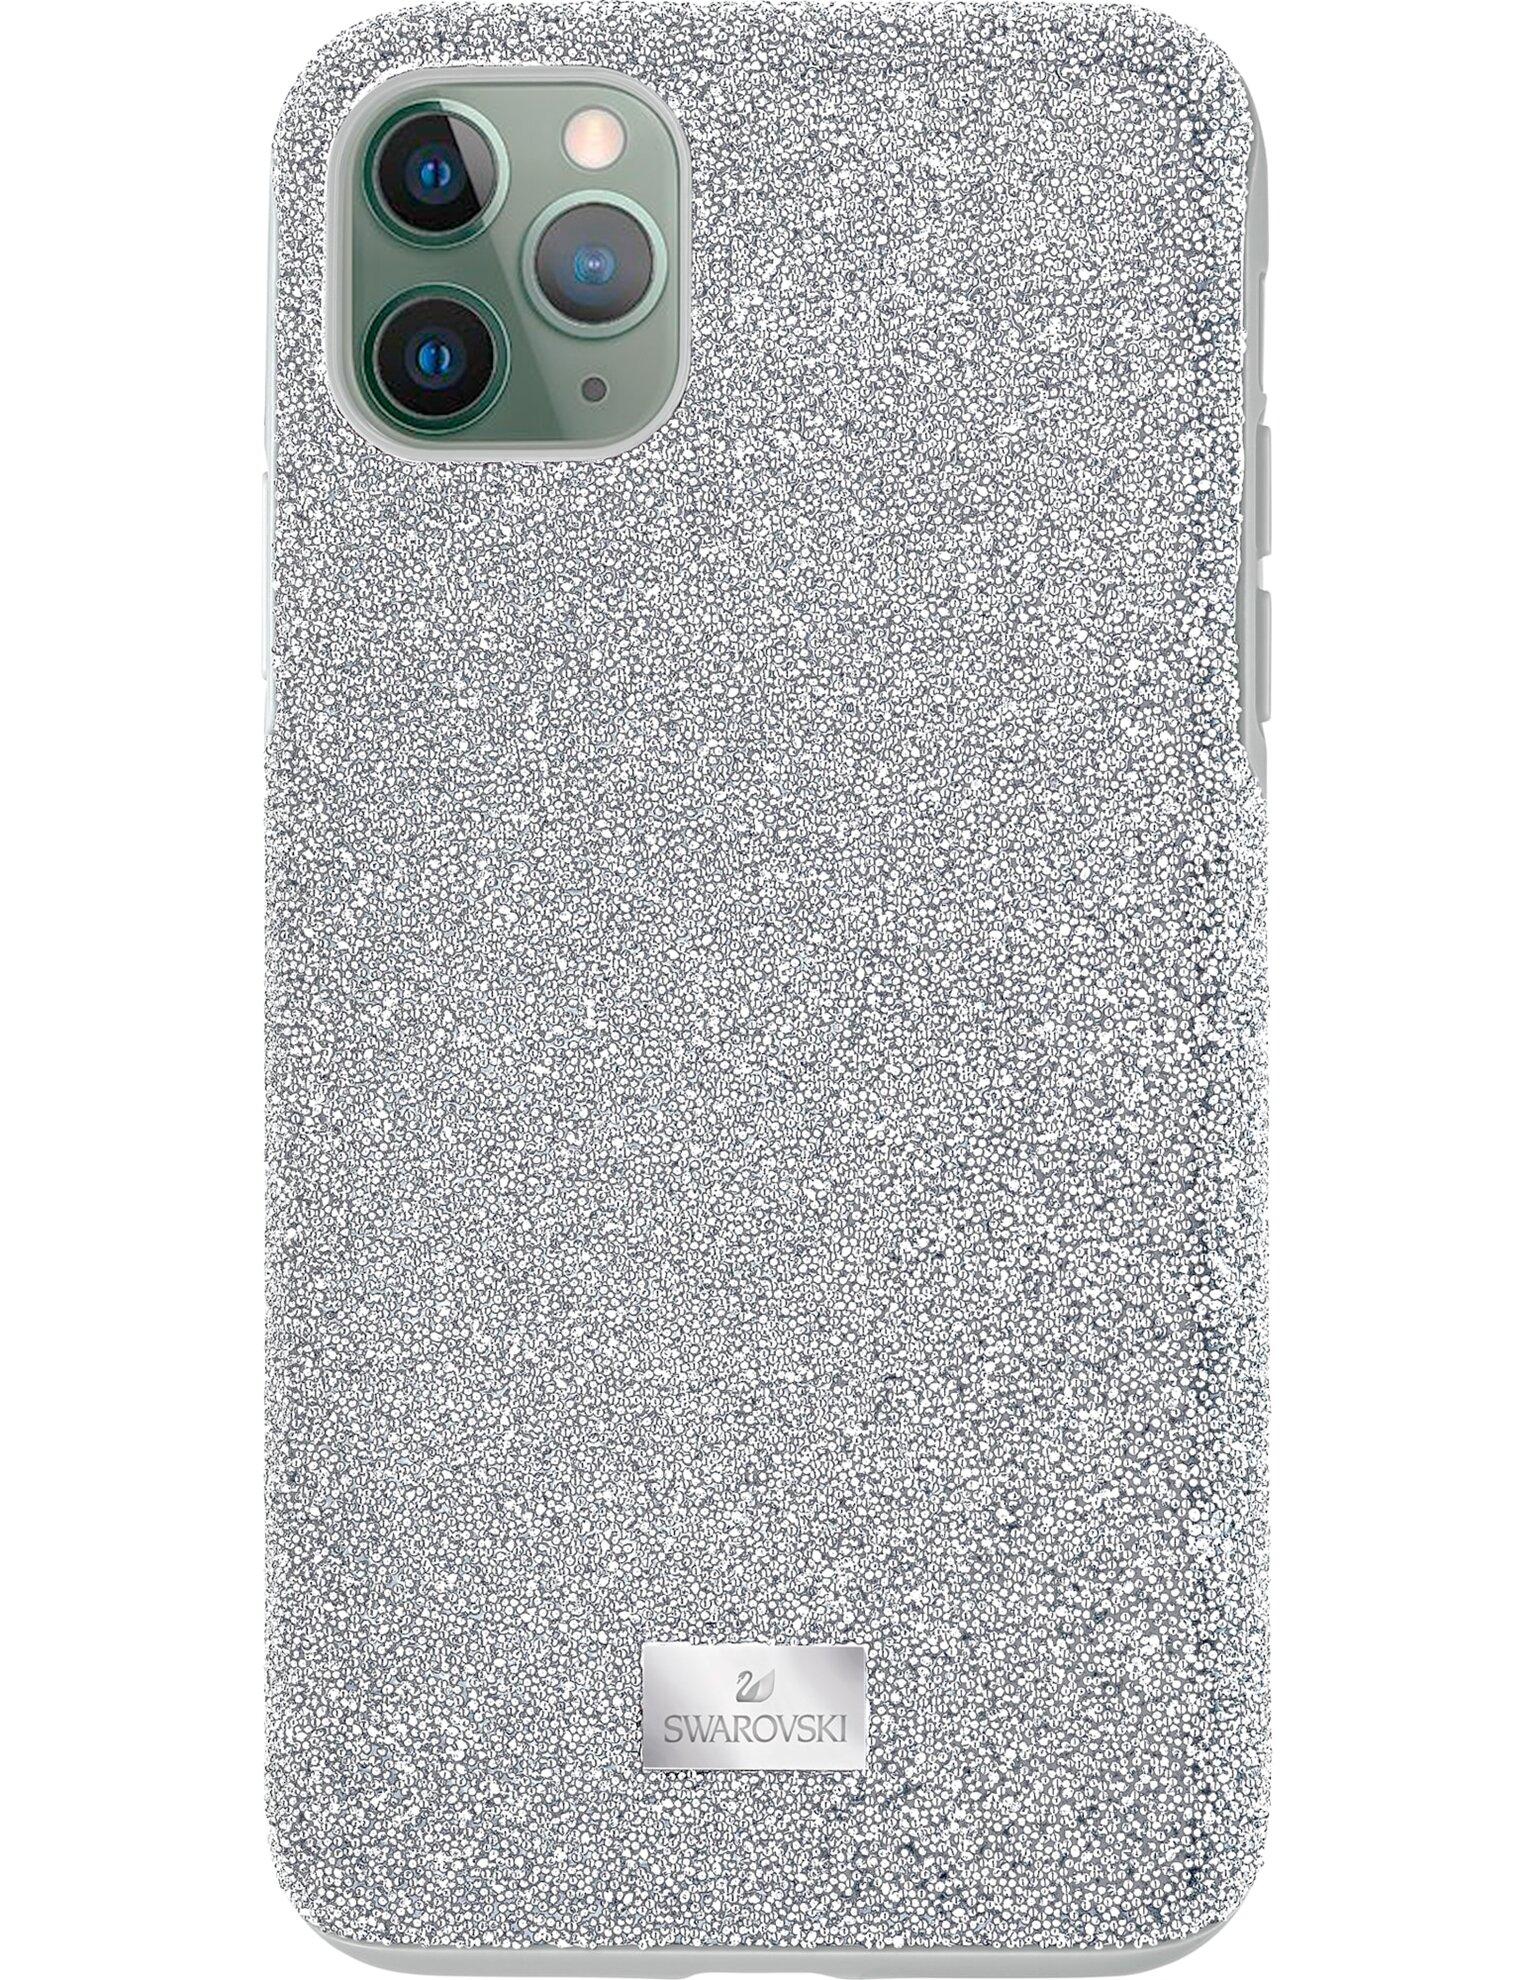 Picture of High Akıllı Telefon Kılıfı, iPhone® 11 Pro Max, Gümüş Rengi